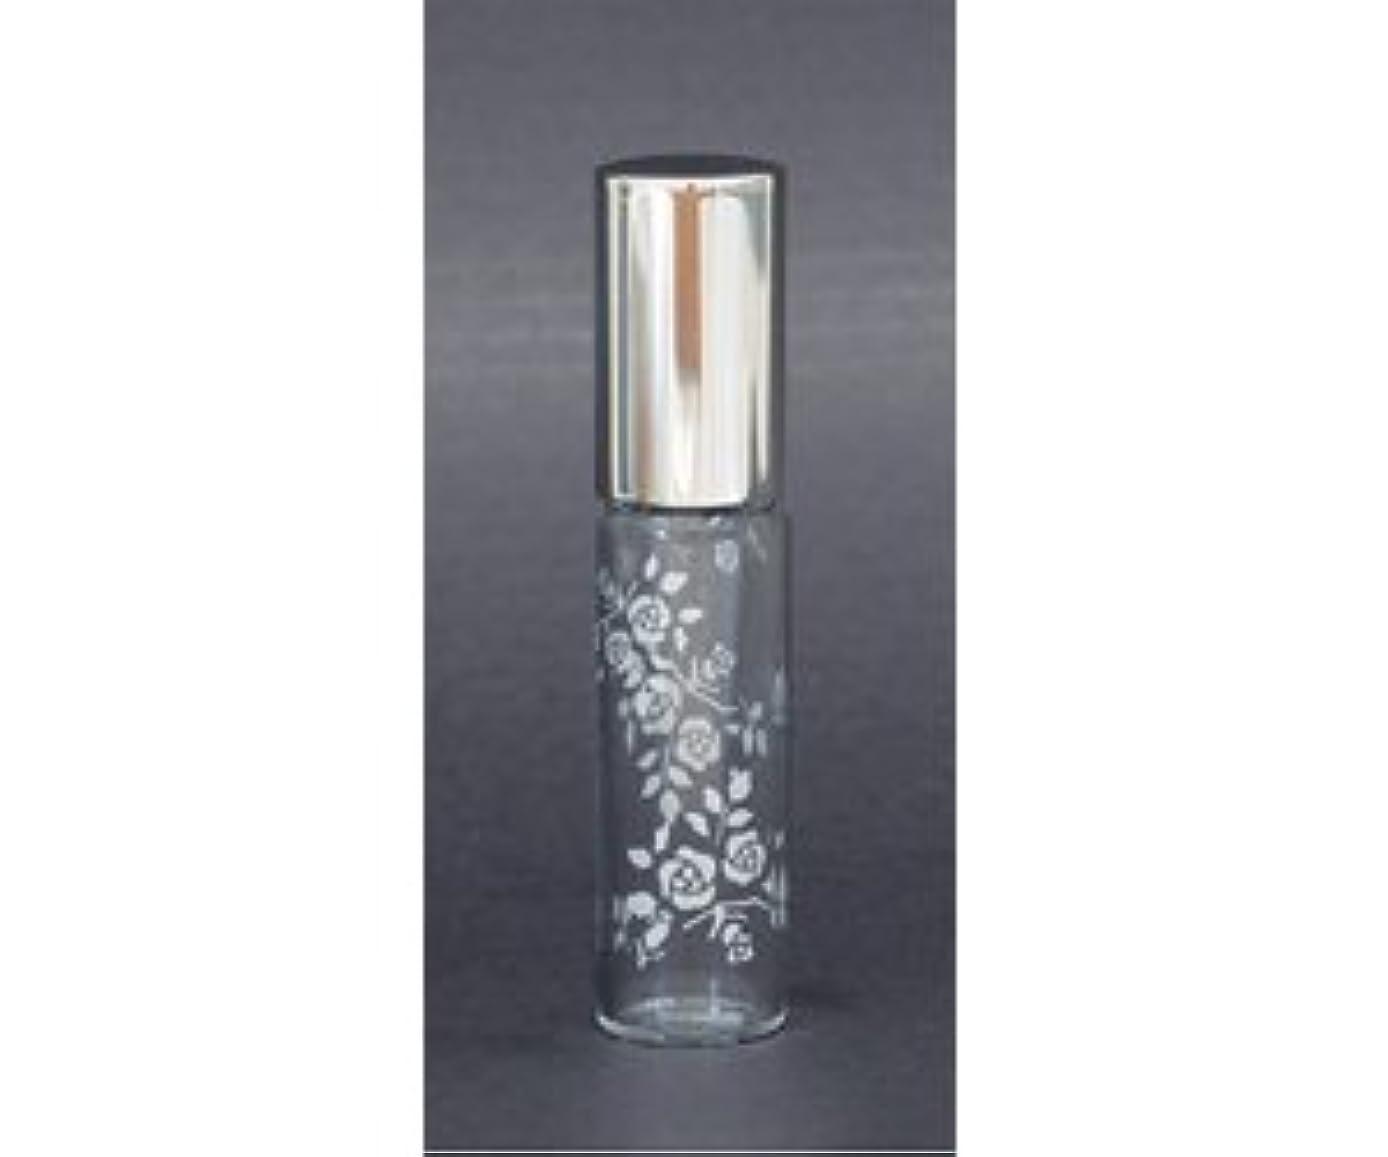 ジャンクタイト代わりのヤマダアトマイザー コロプチ パフュームローラー 香水 携帯用 詰め換え用付属品入り 60714 アトマイザー